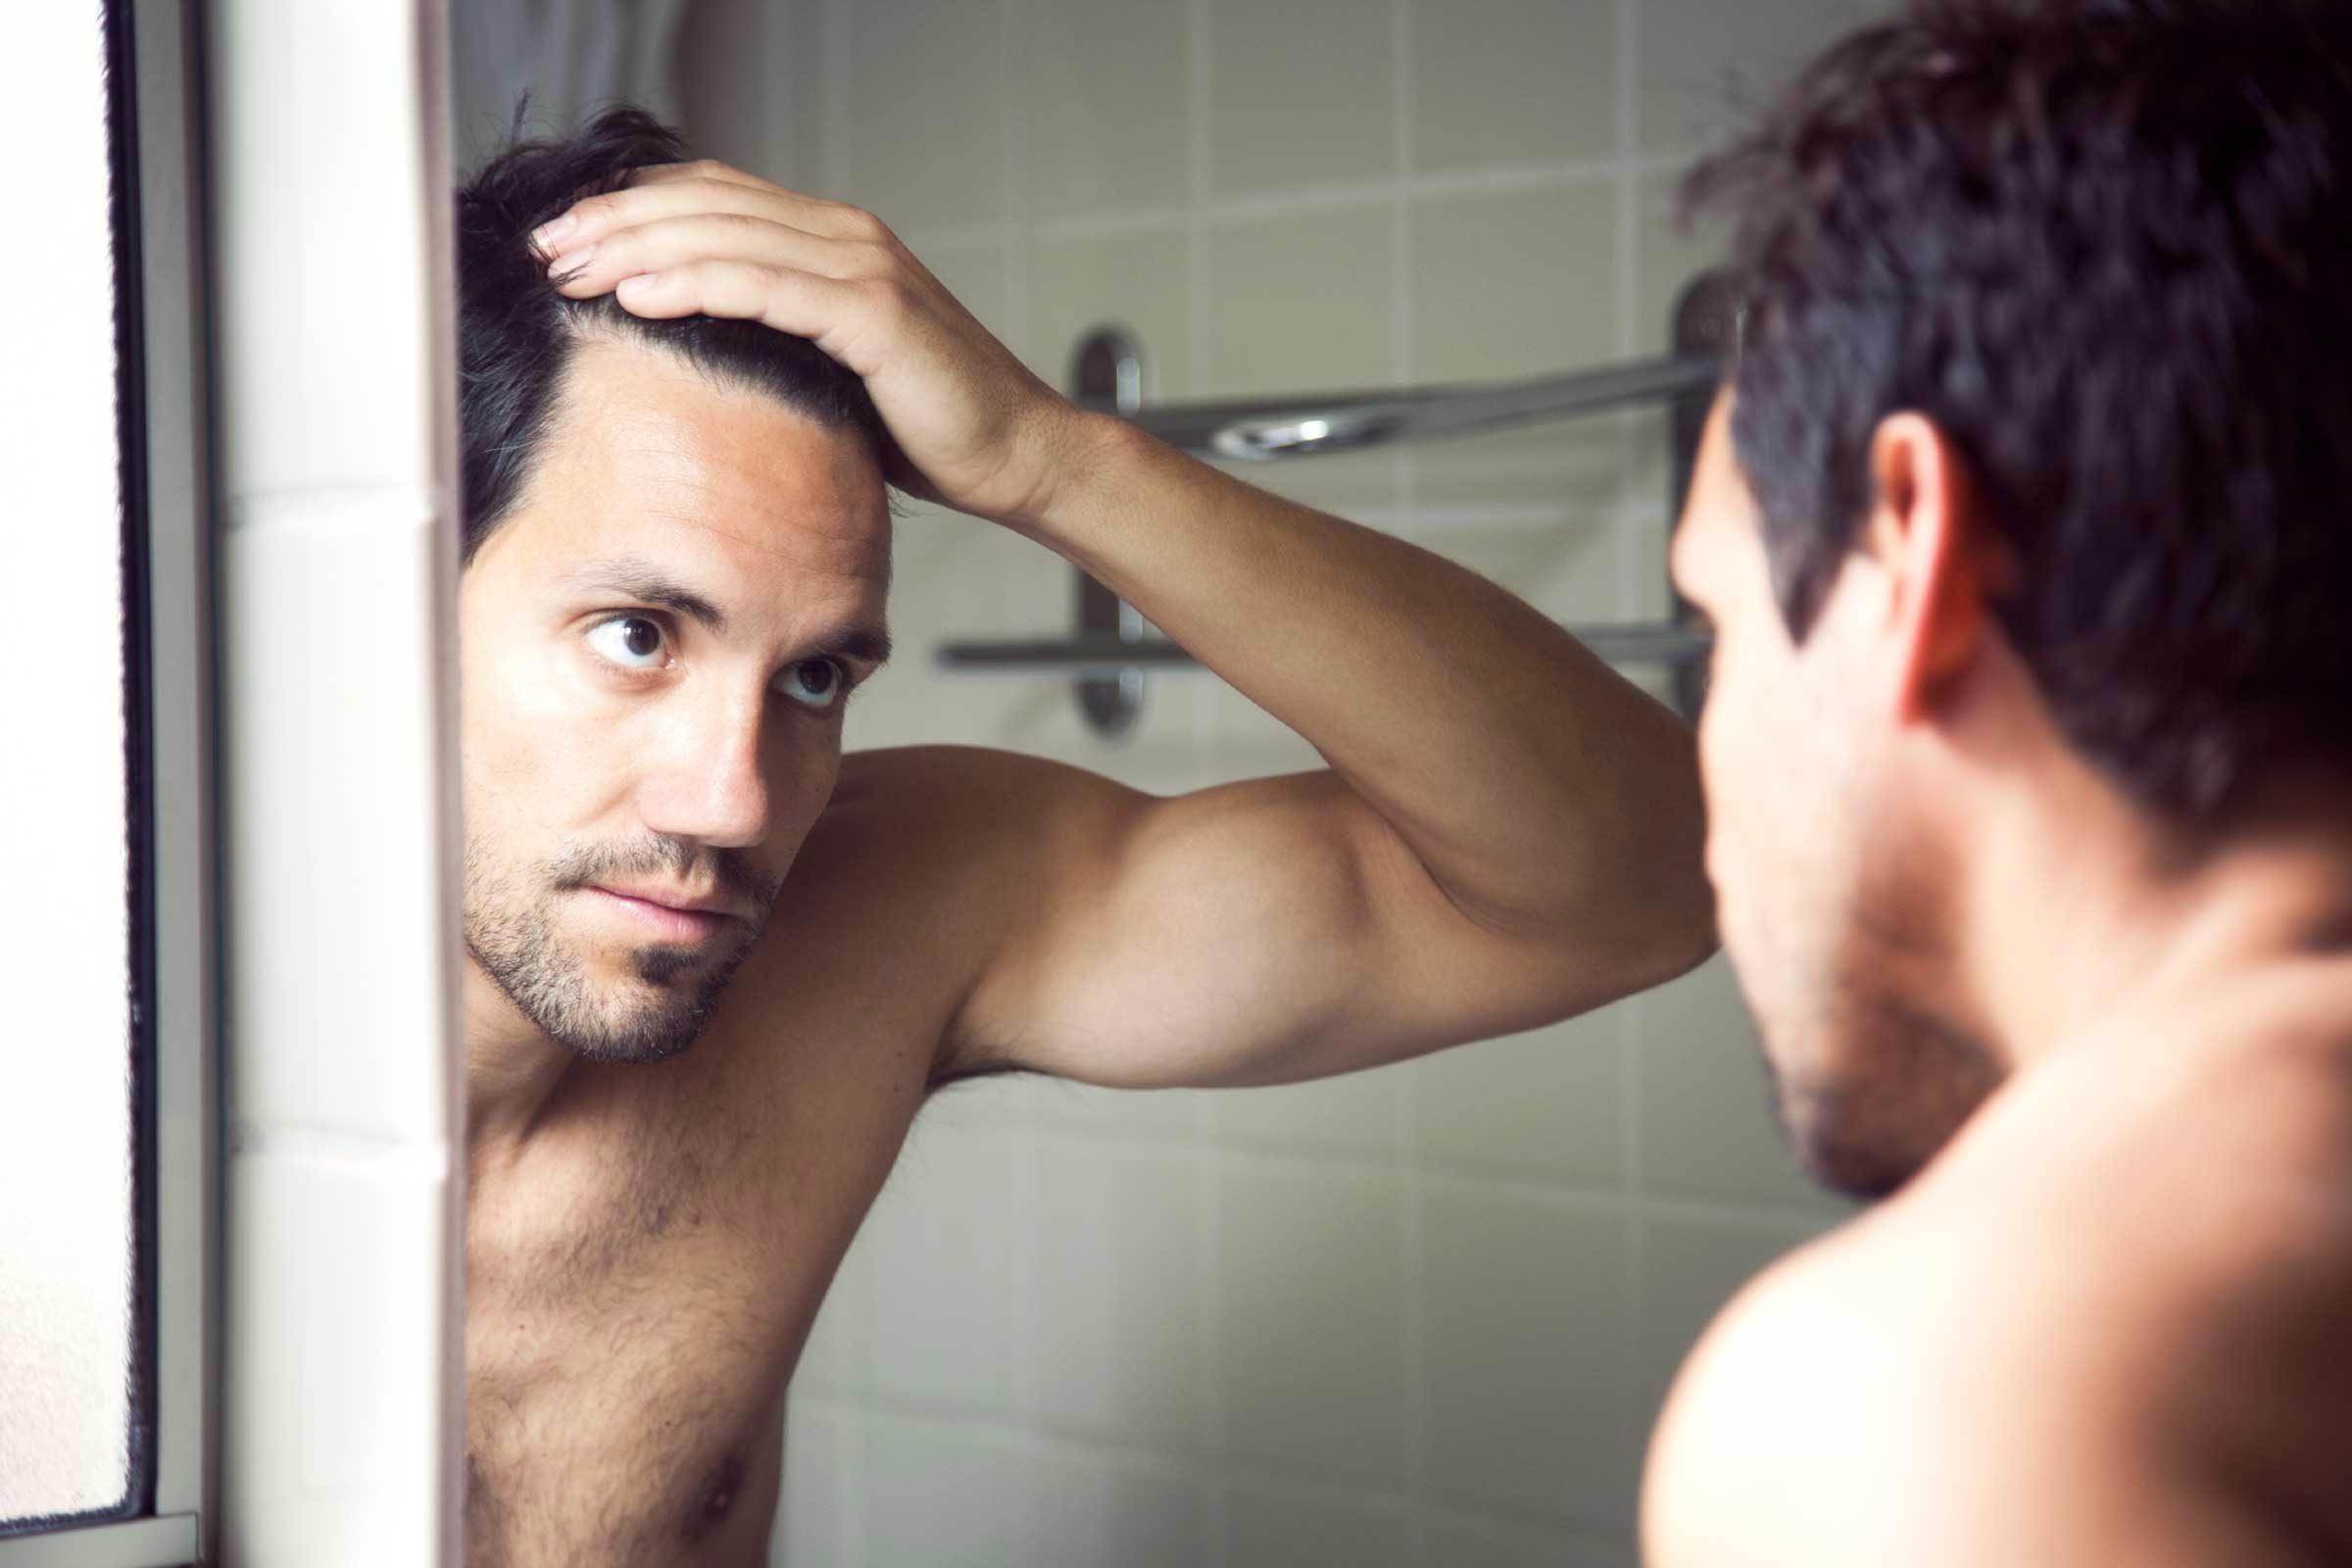 Cause de dysfonction érectile : une baisse de la testostérone.